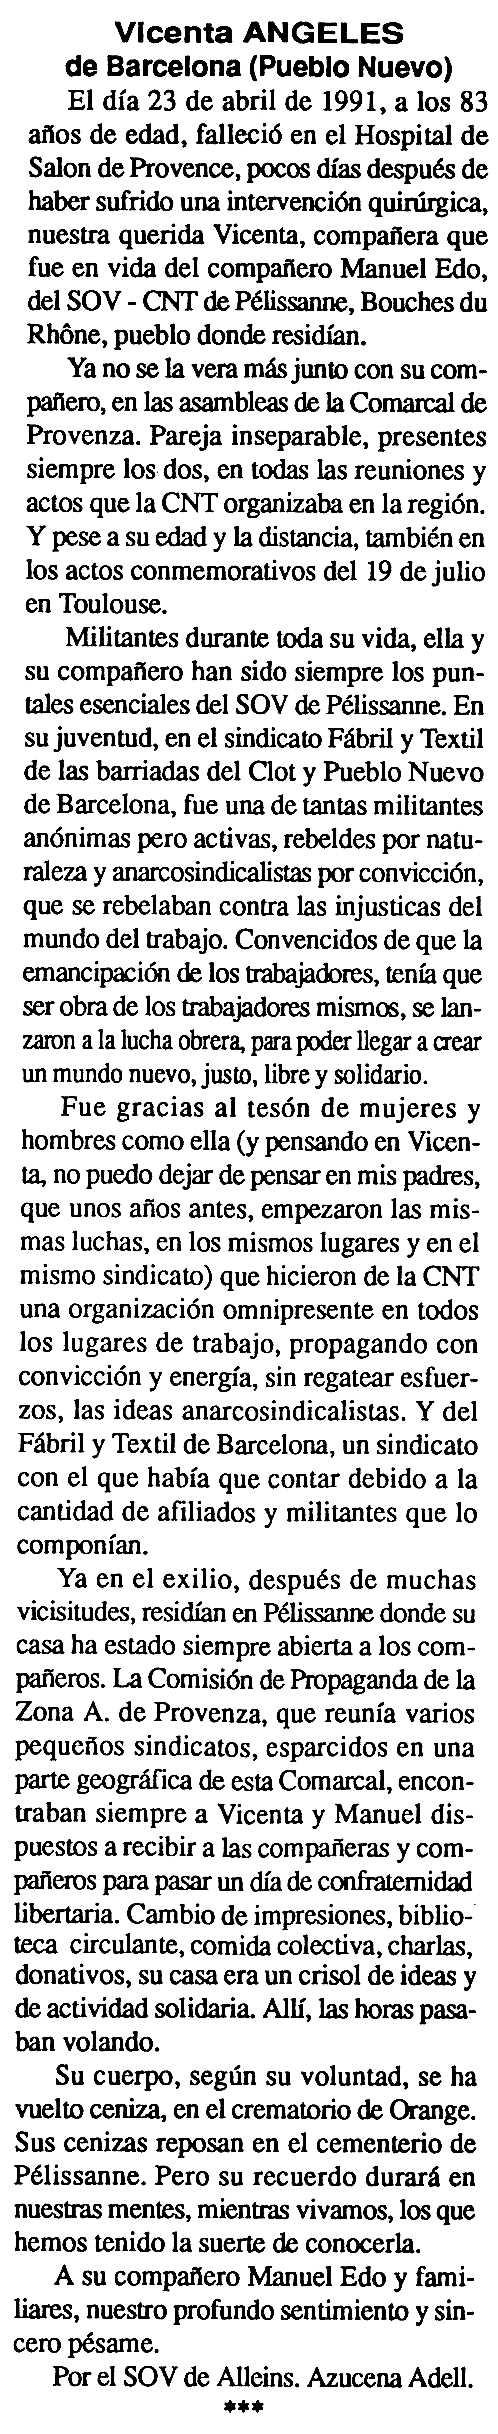 """Necrològica de Vicenta Ángeles apareguda en el periòdic tolosà """"Cenit"""" del 28 de maig de 1991"""